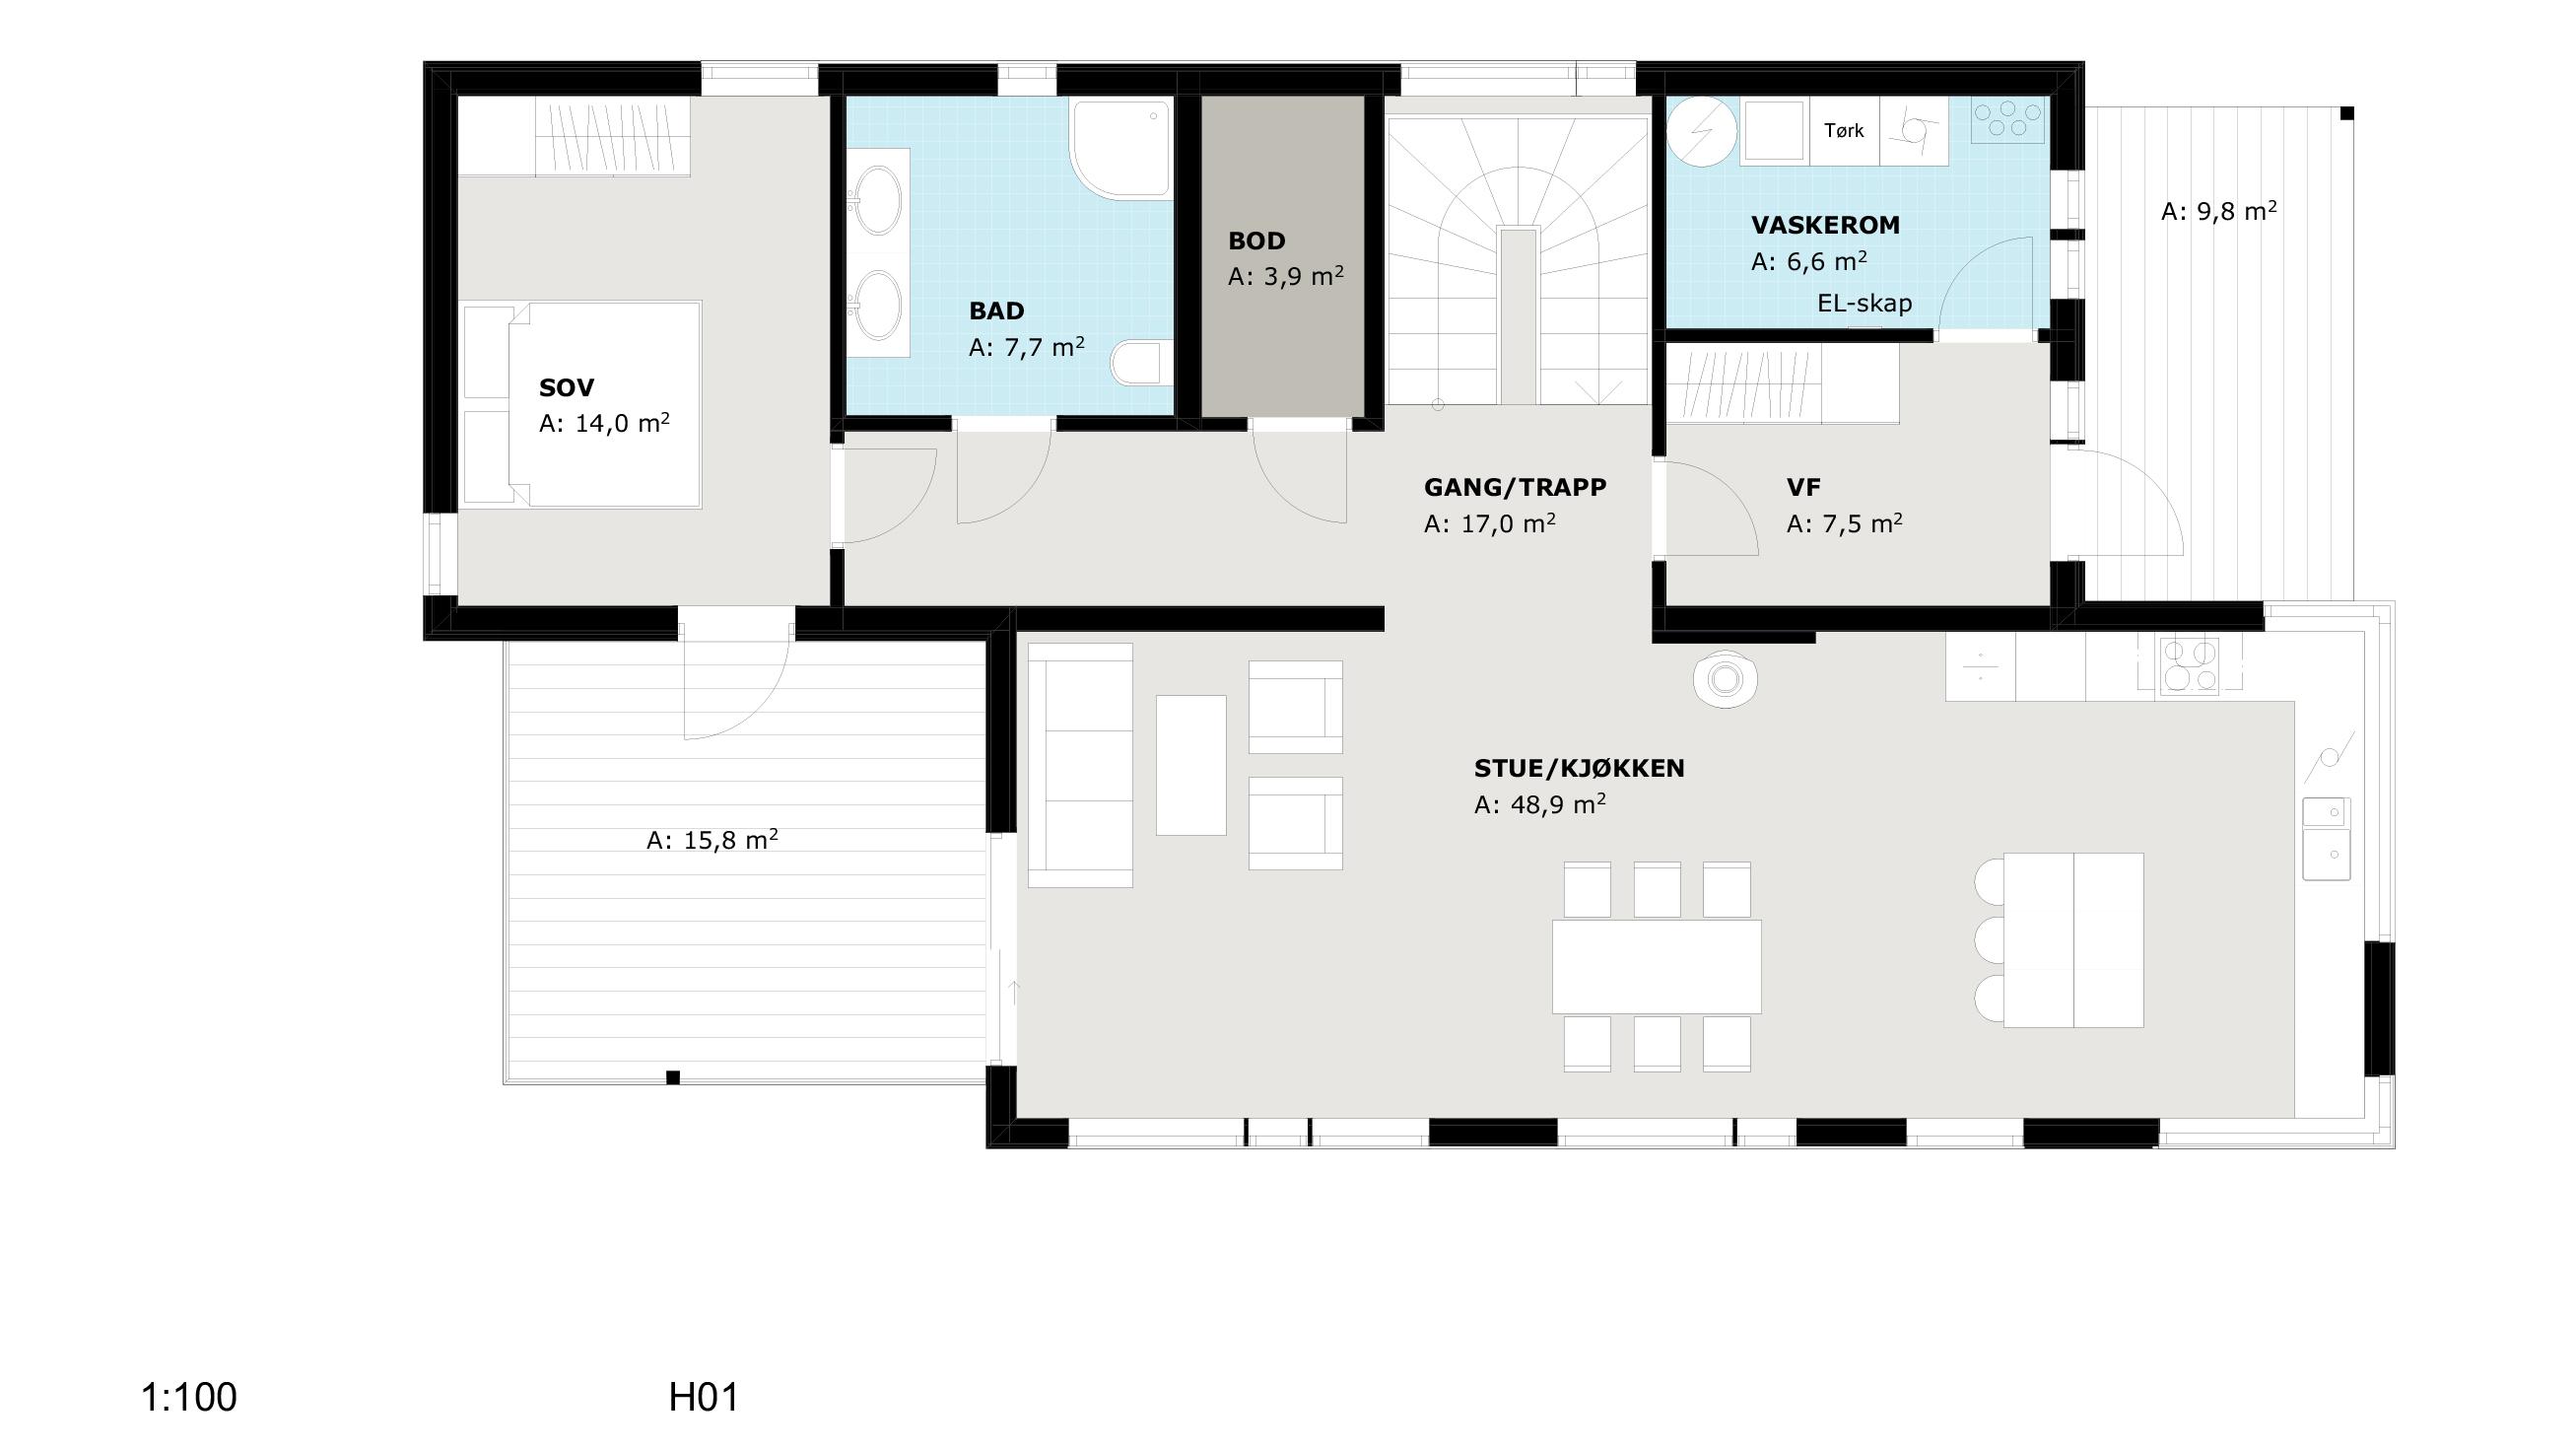 17-Skrenten-Plan-H01.jpg